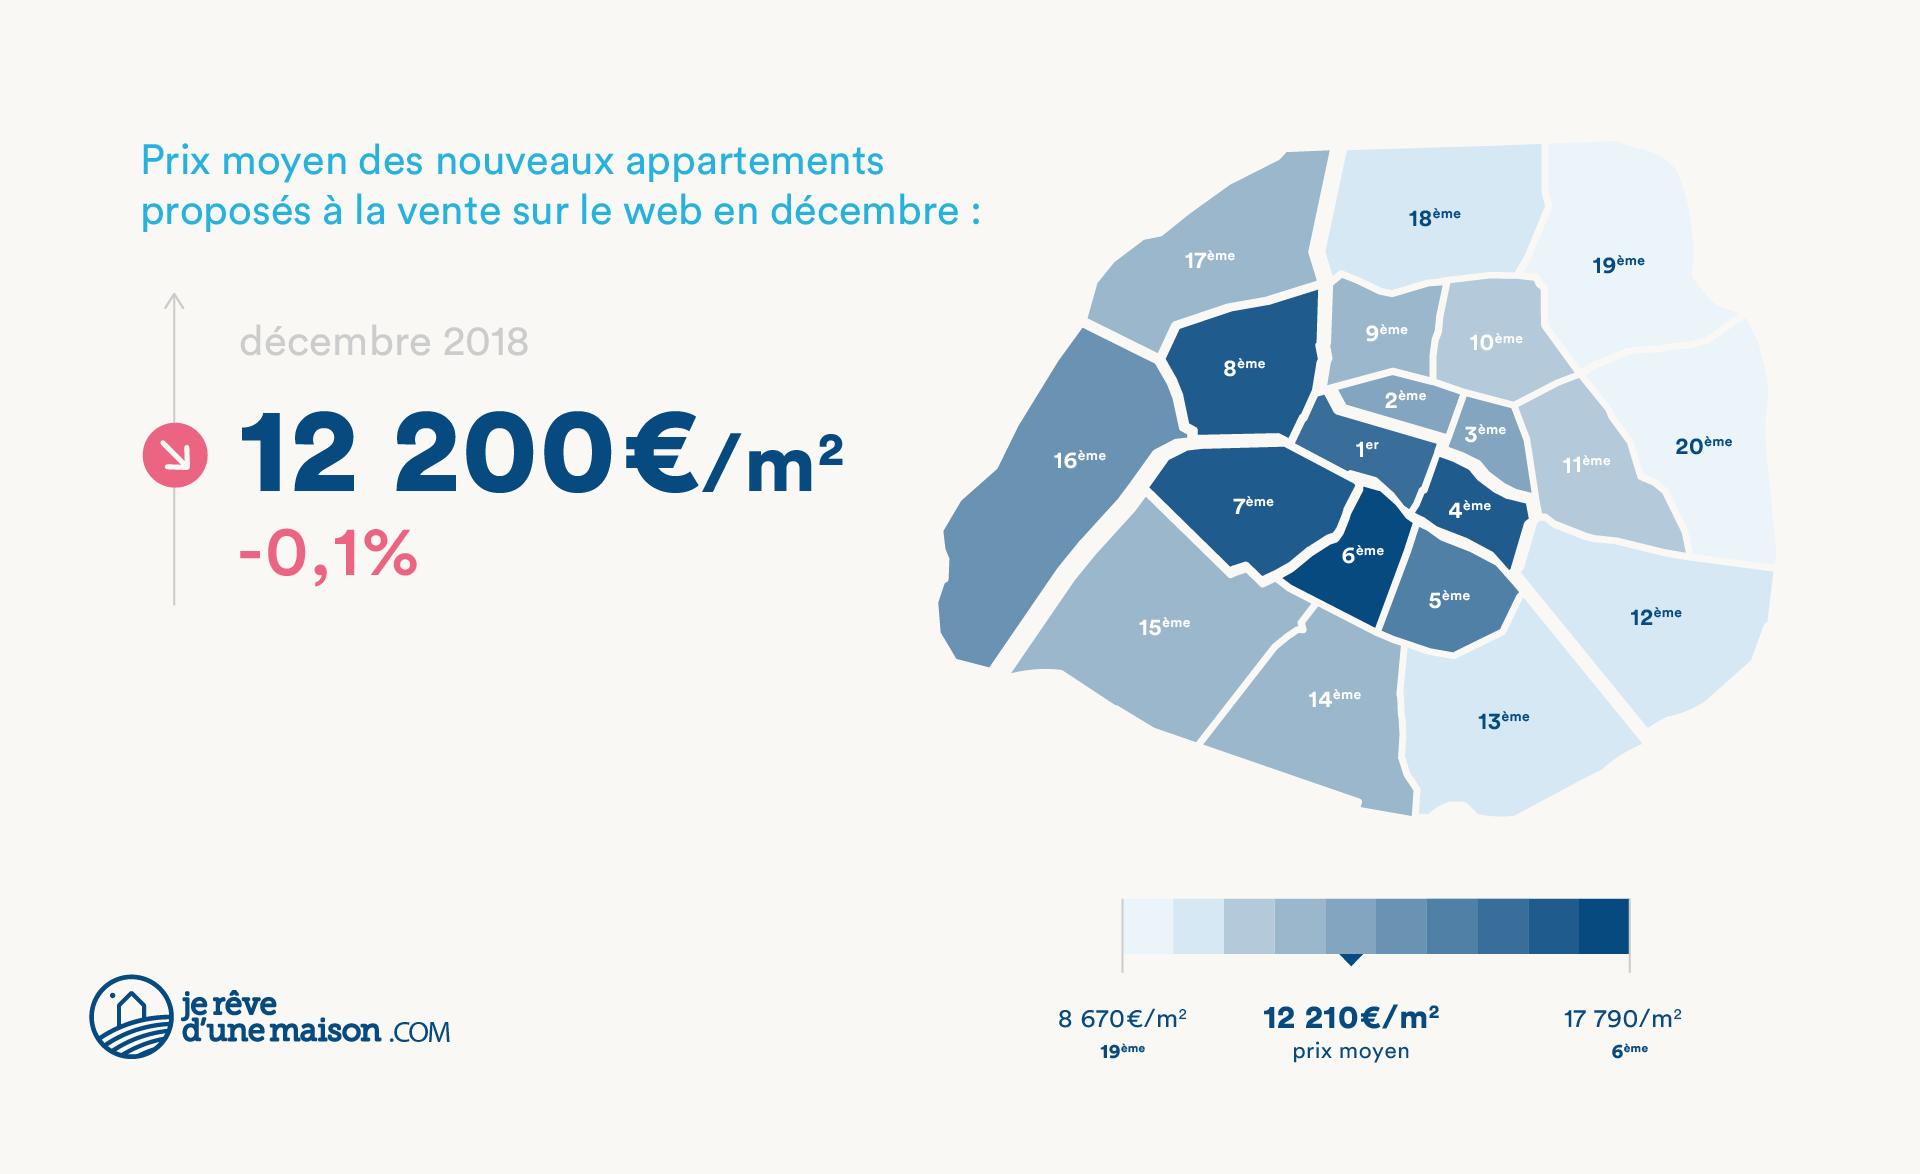 Prix moyen des nouveaux appartements proposés à la vente sur le web en décembre